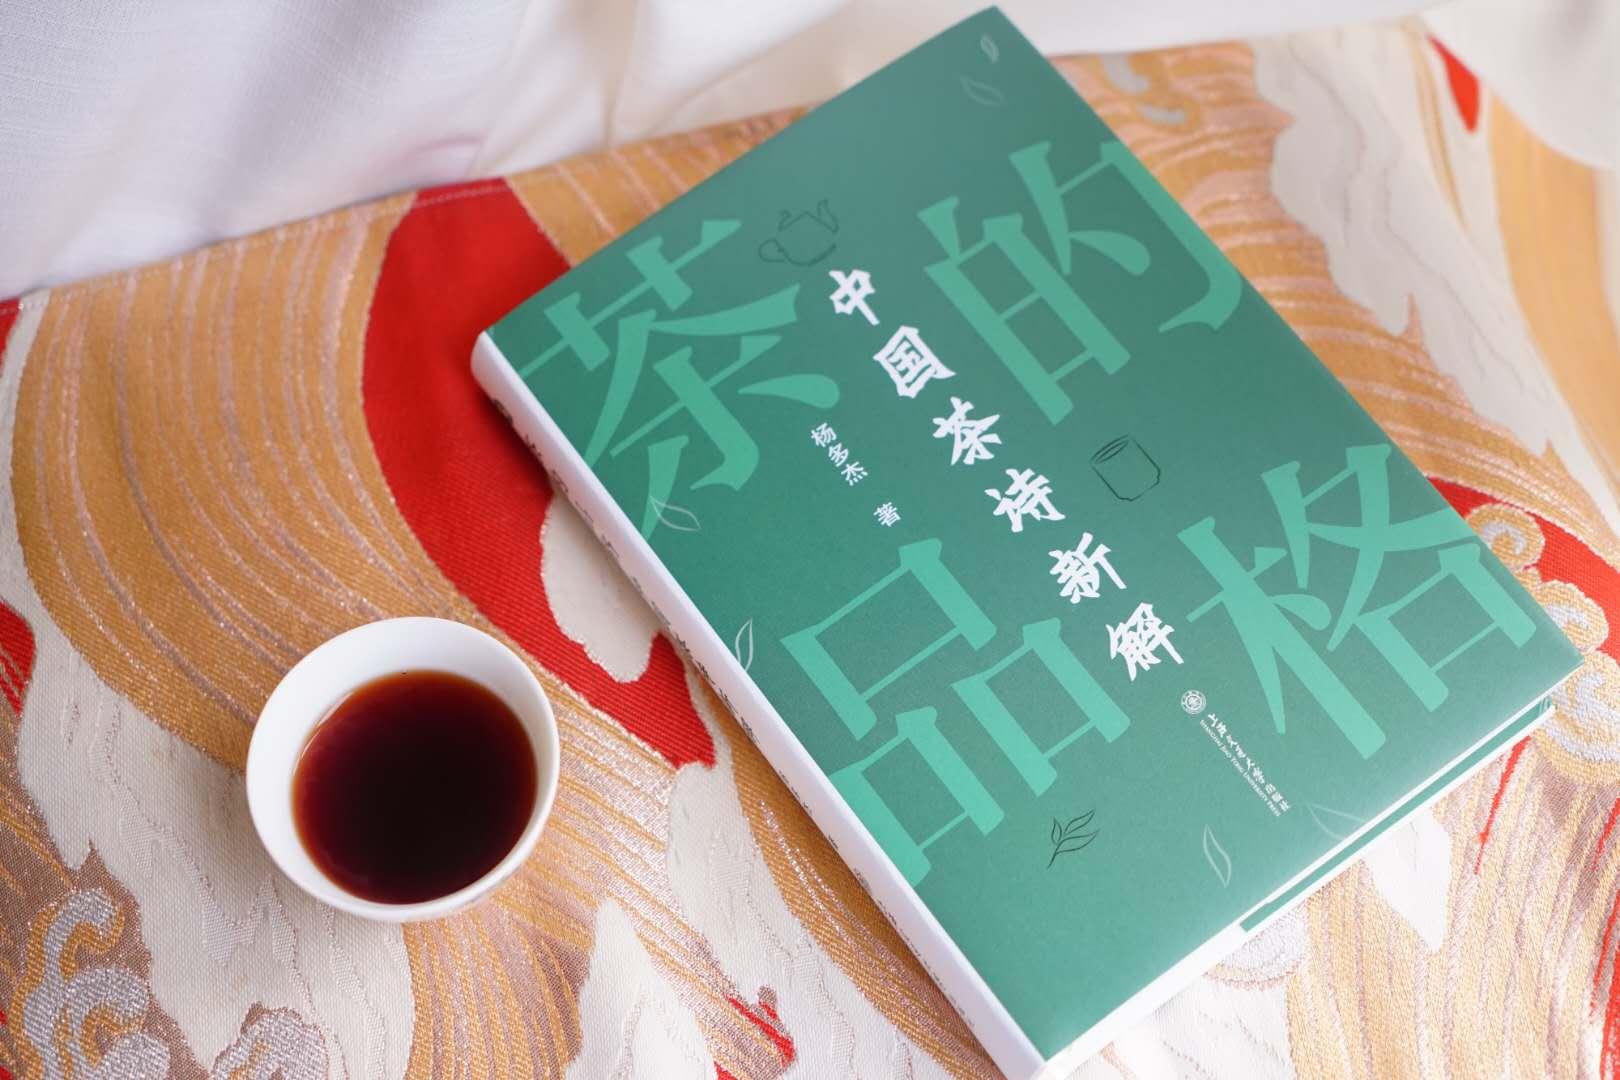 《茶的品质:中国茶诗新解》书影